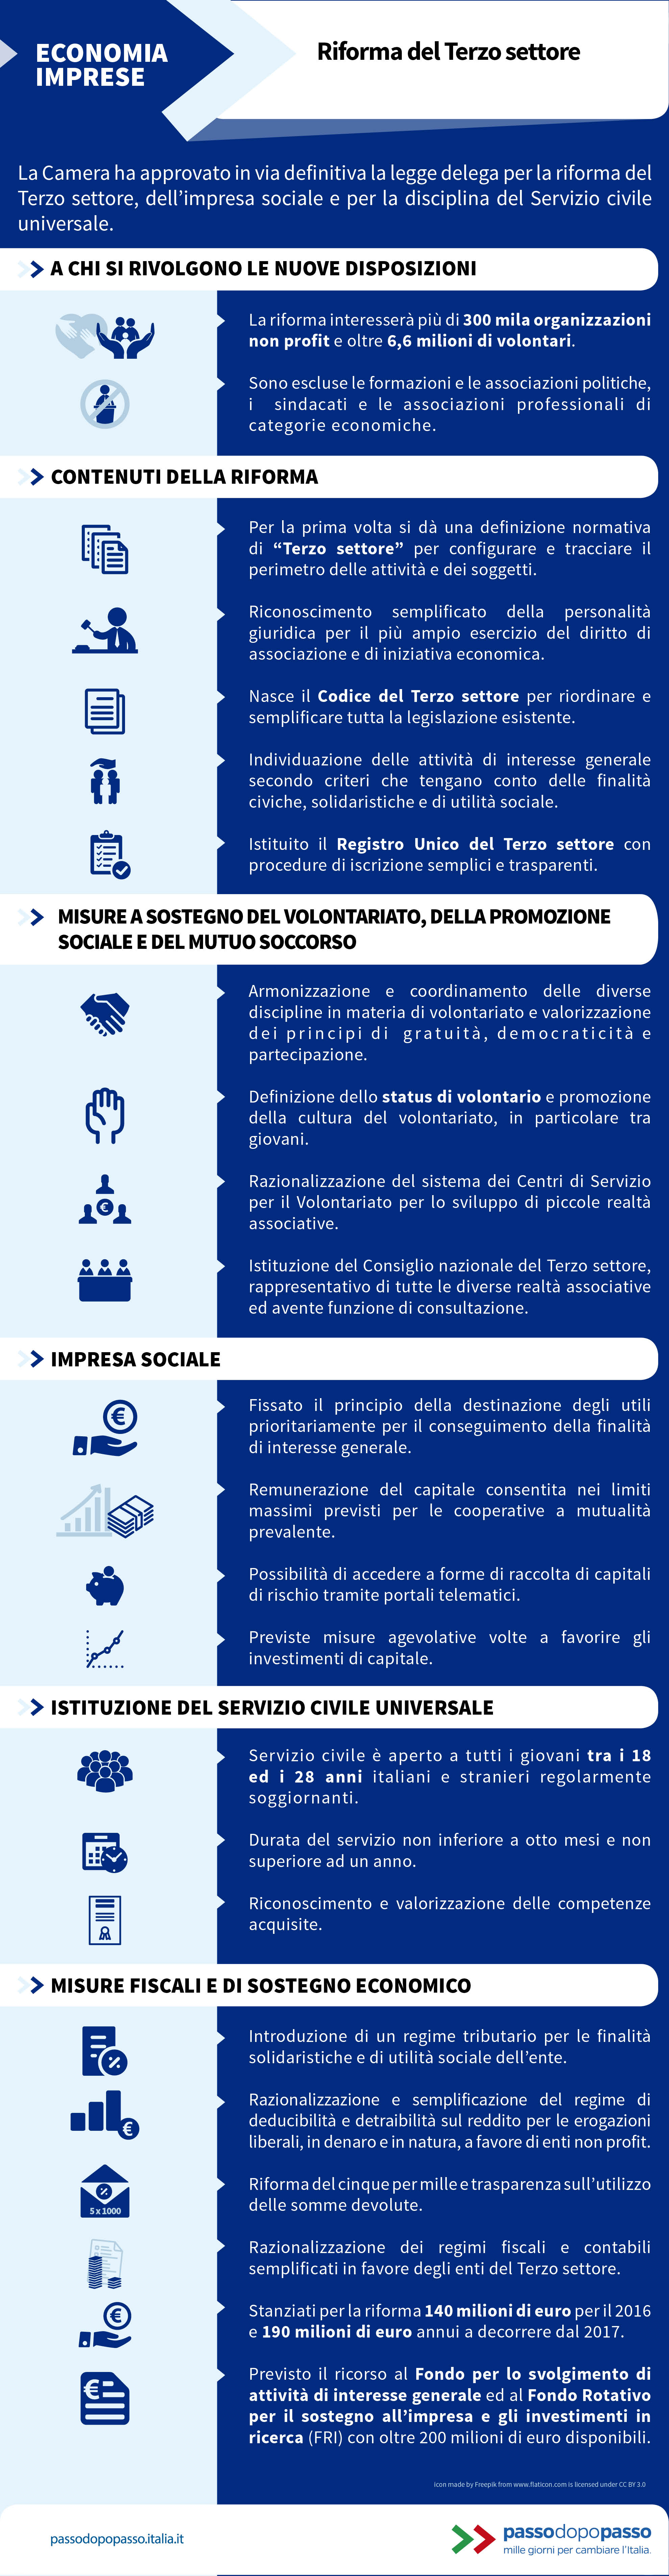 Infografica: Riforma del Terzo settore